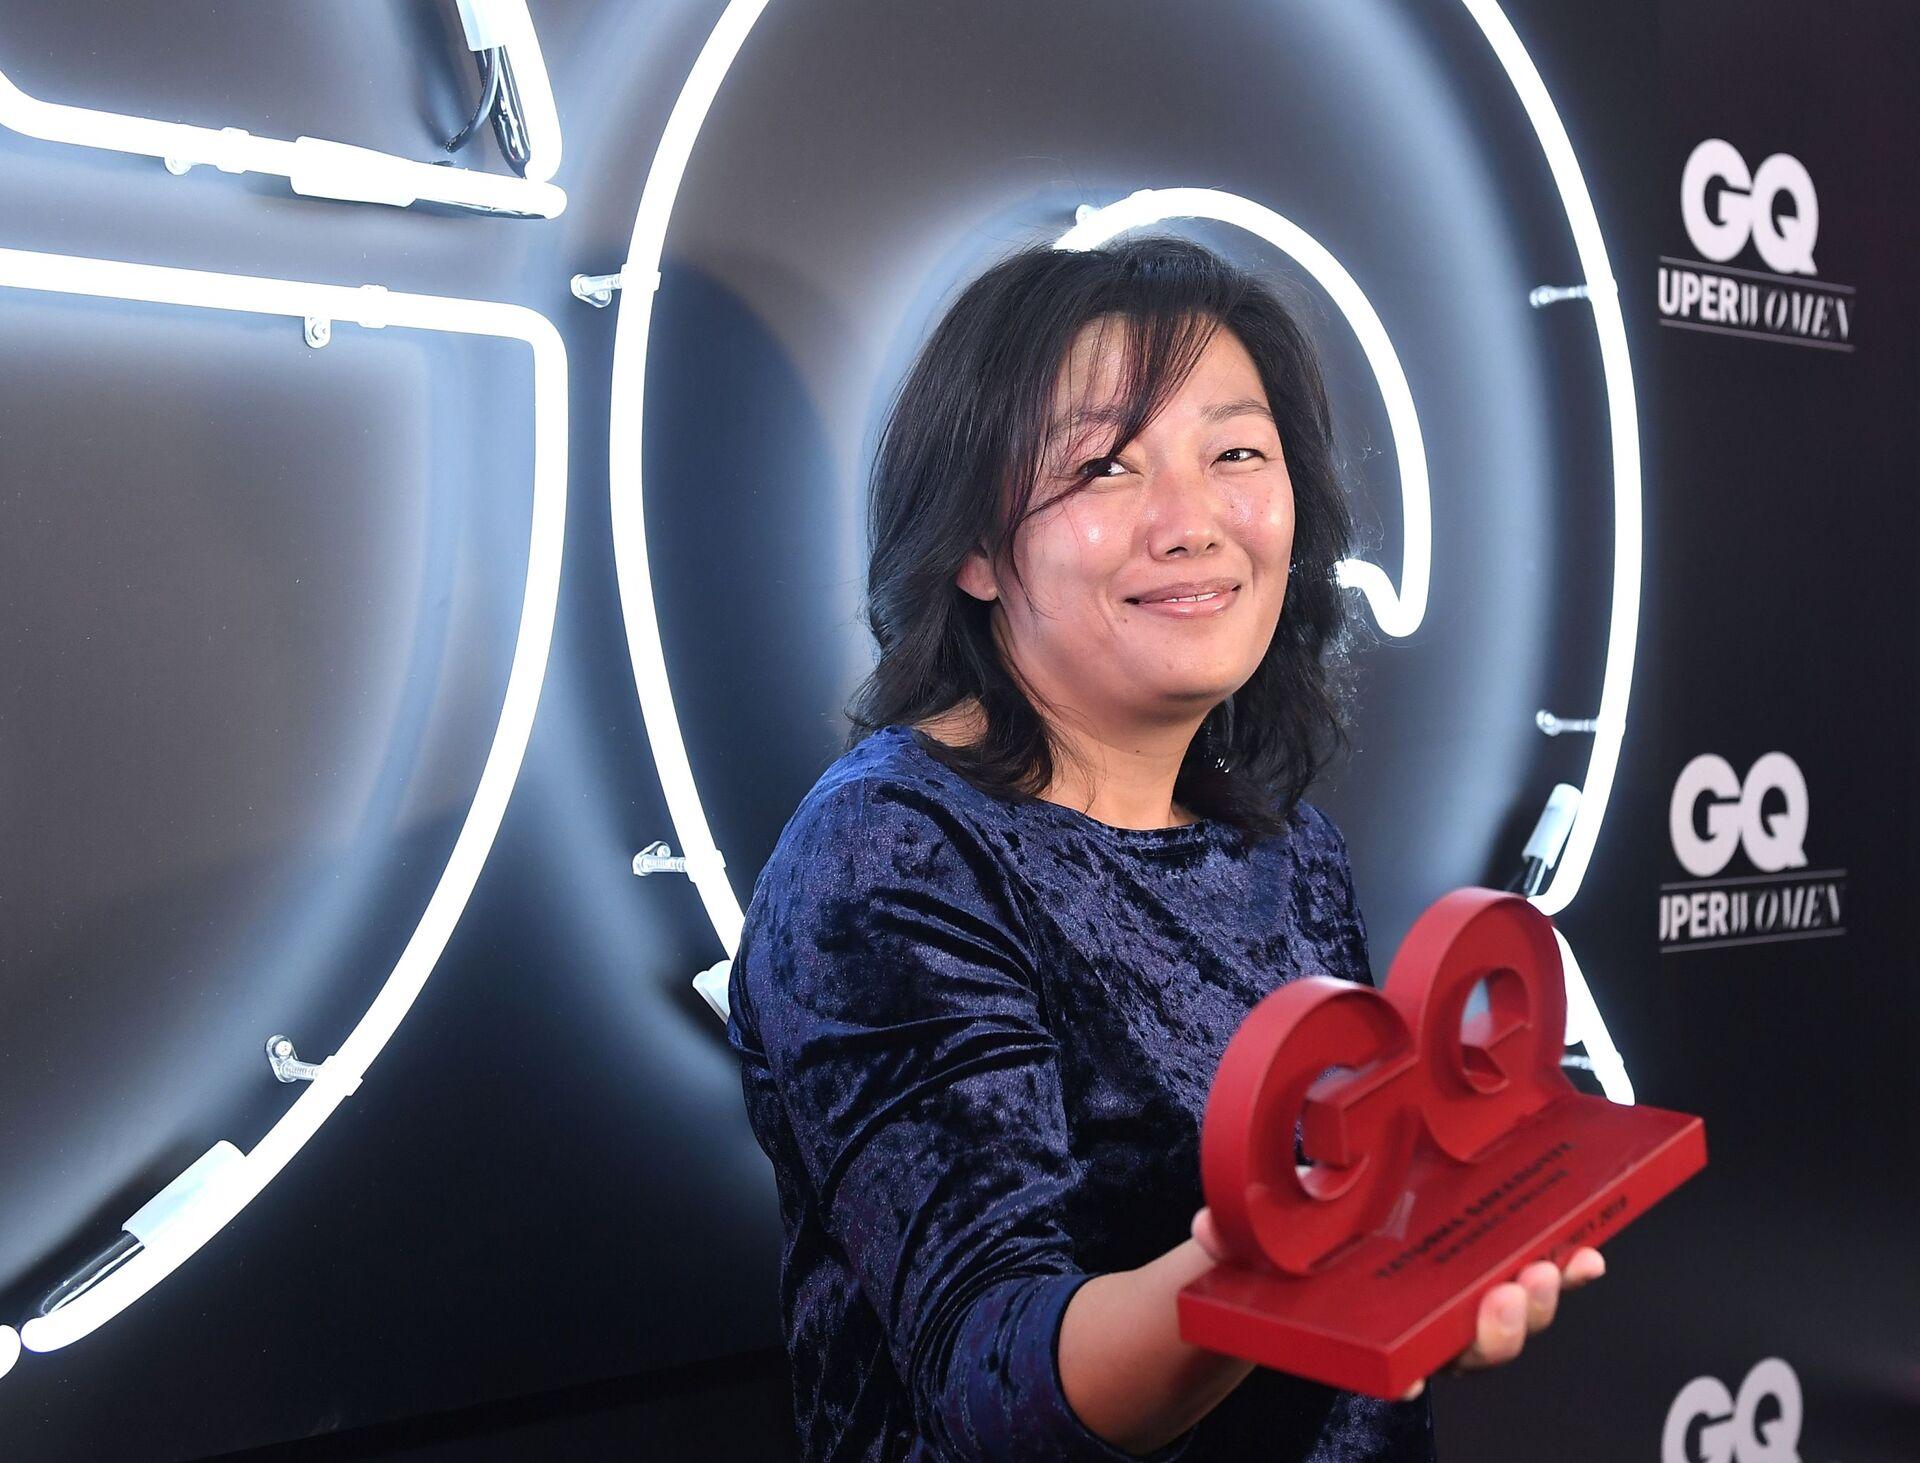 Người phụ nữ giàu nhất nước Nga là Tatyana Bakalchuk, người sáng lập cửa hàng trực tuyến Wildberries - Sputnik Việt Nam, 1920, 05.10.2021